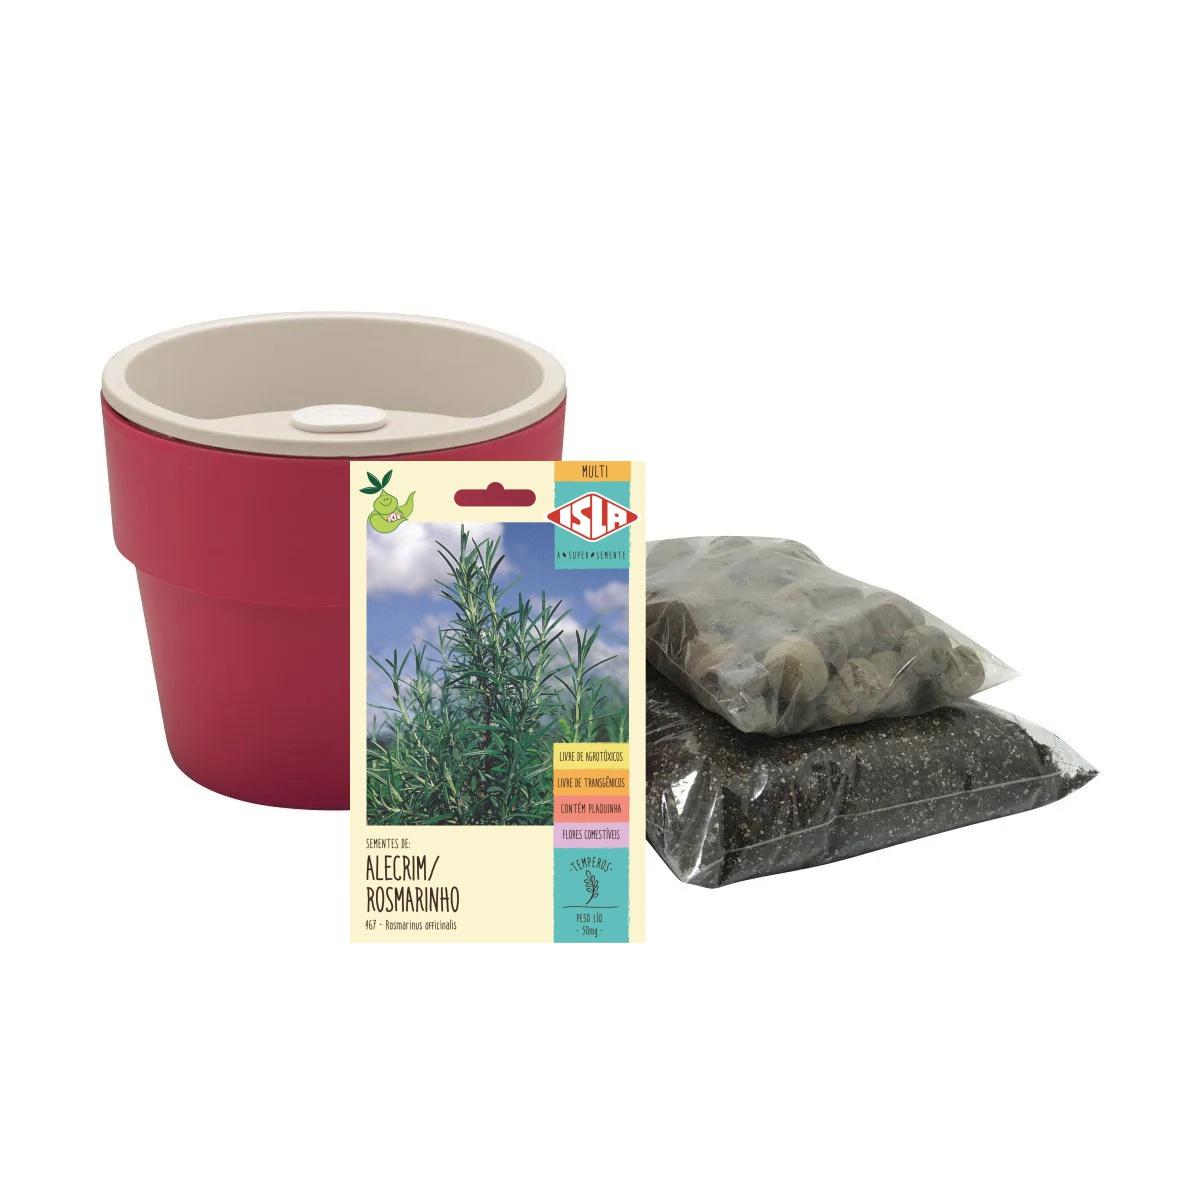 Kit completo Meu Primeiro Plantio de Alecrim com Vaso Autoirrigável Marsala Linha Plantar